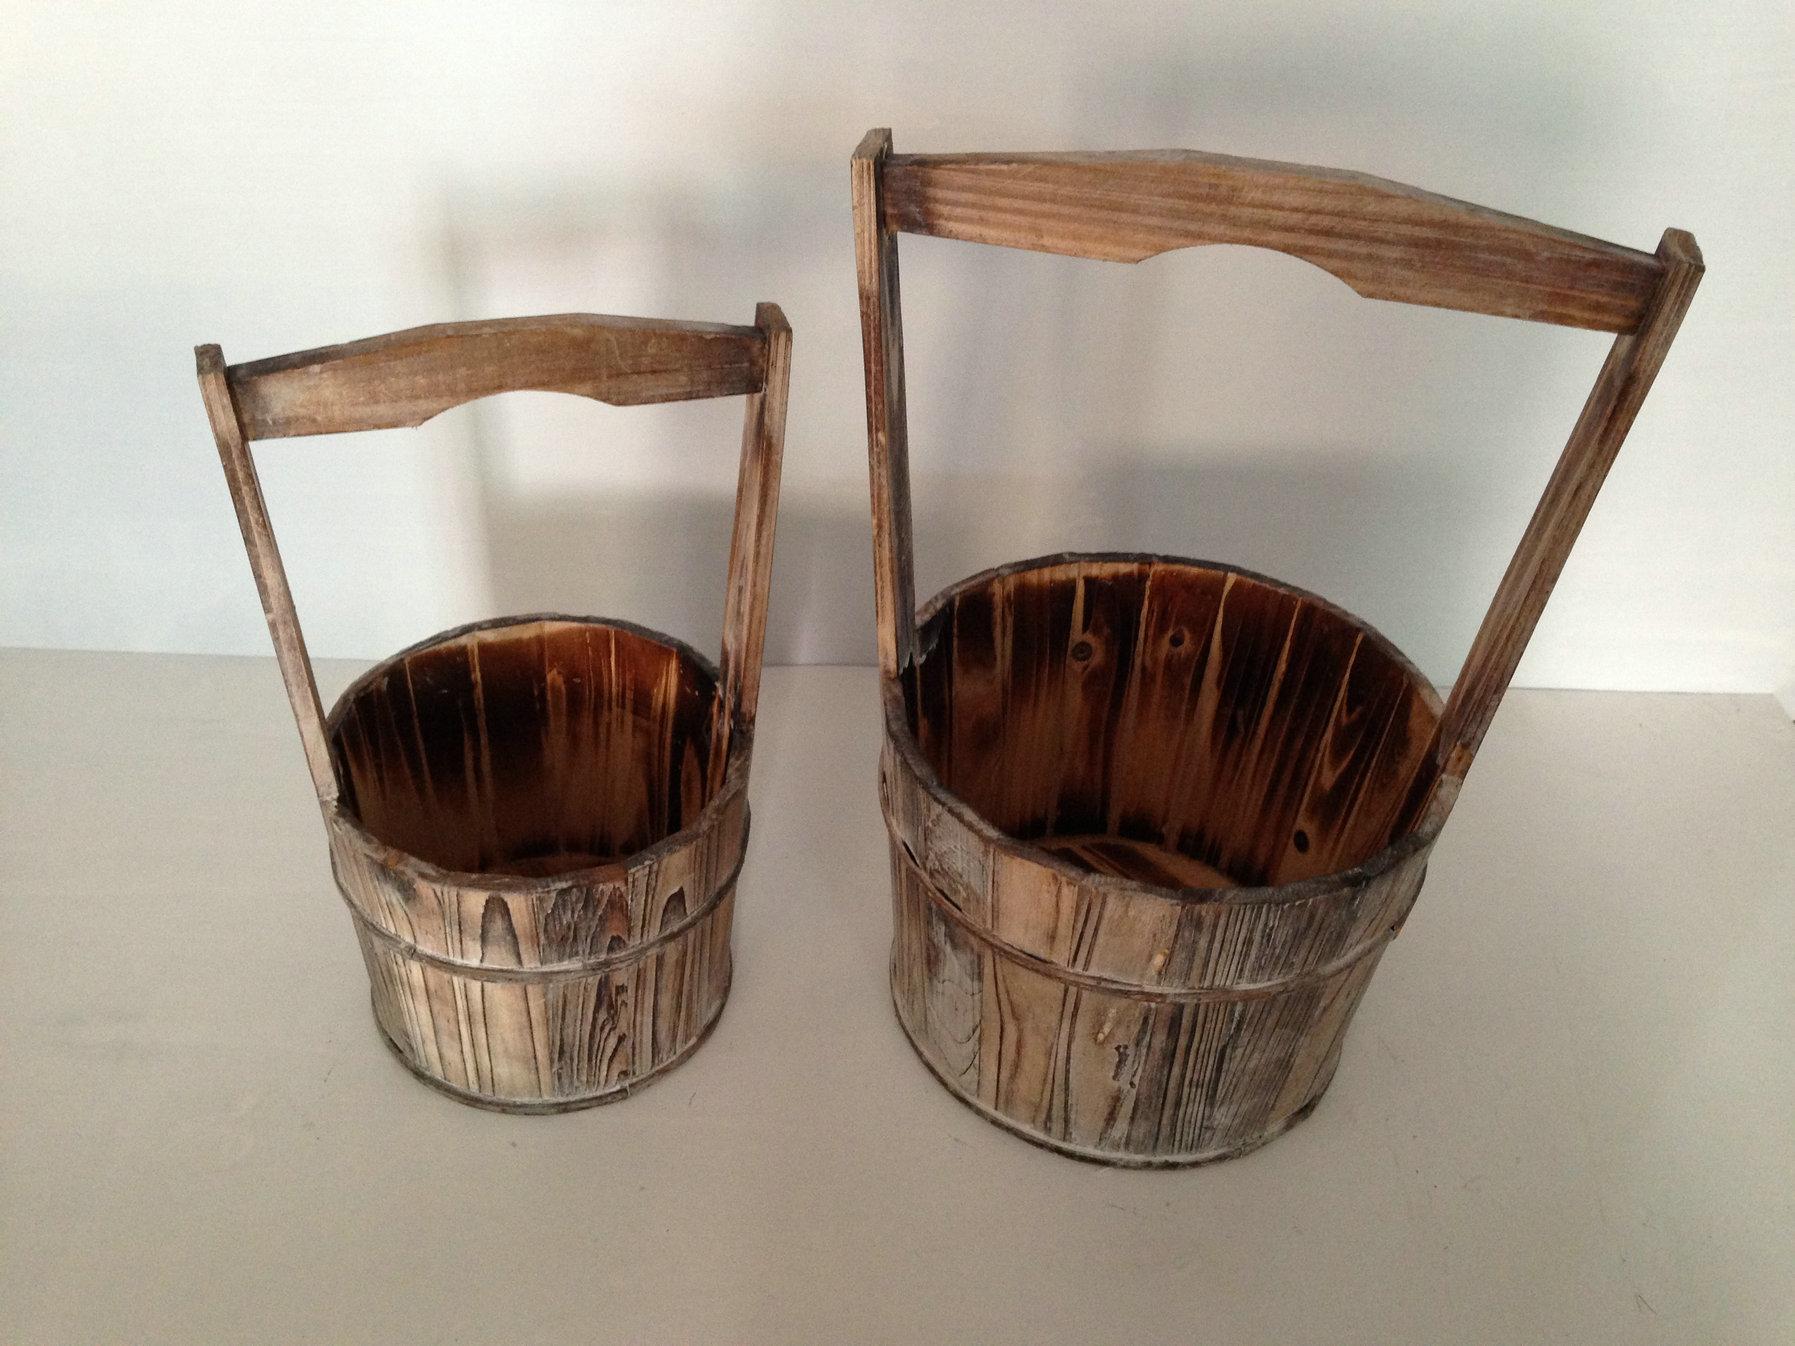 10 x 10 Brown, Wood Garden Planter - 2 Piece